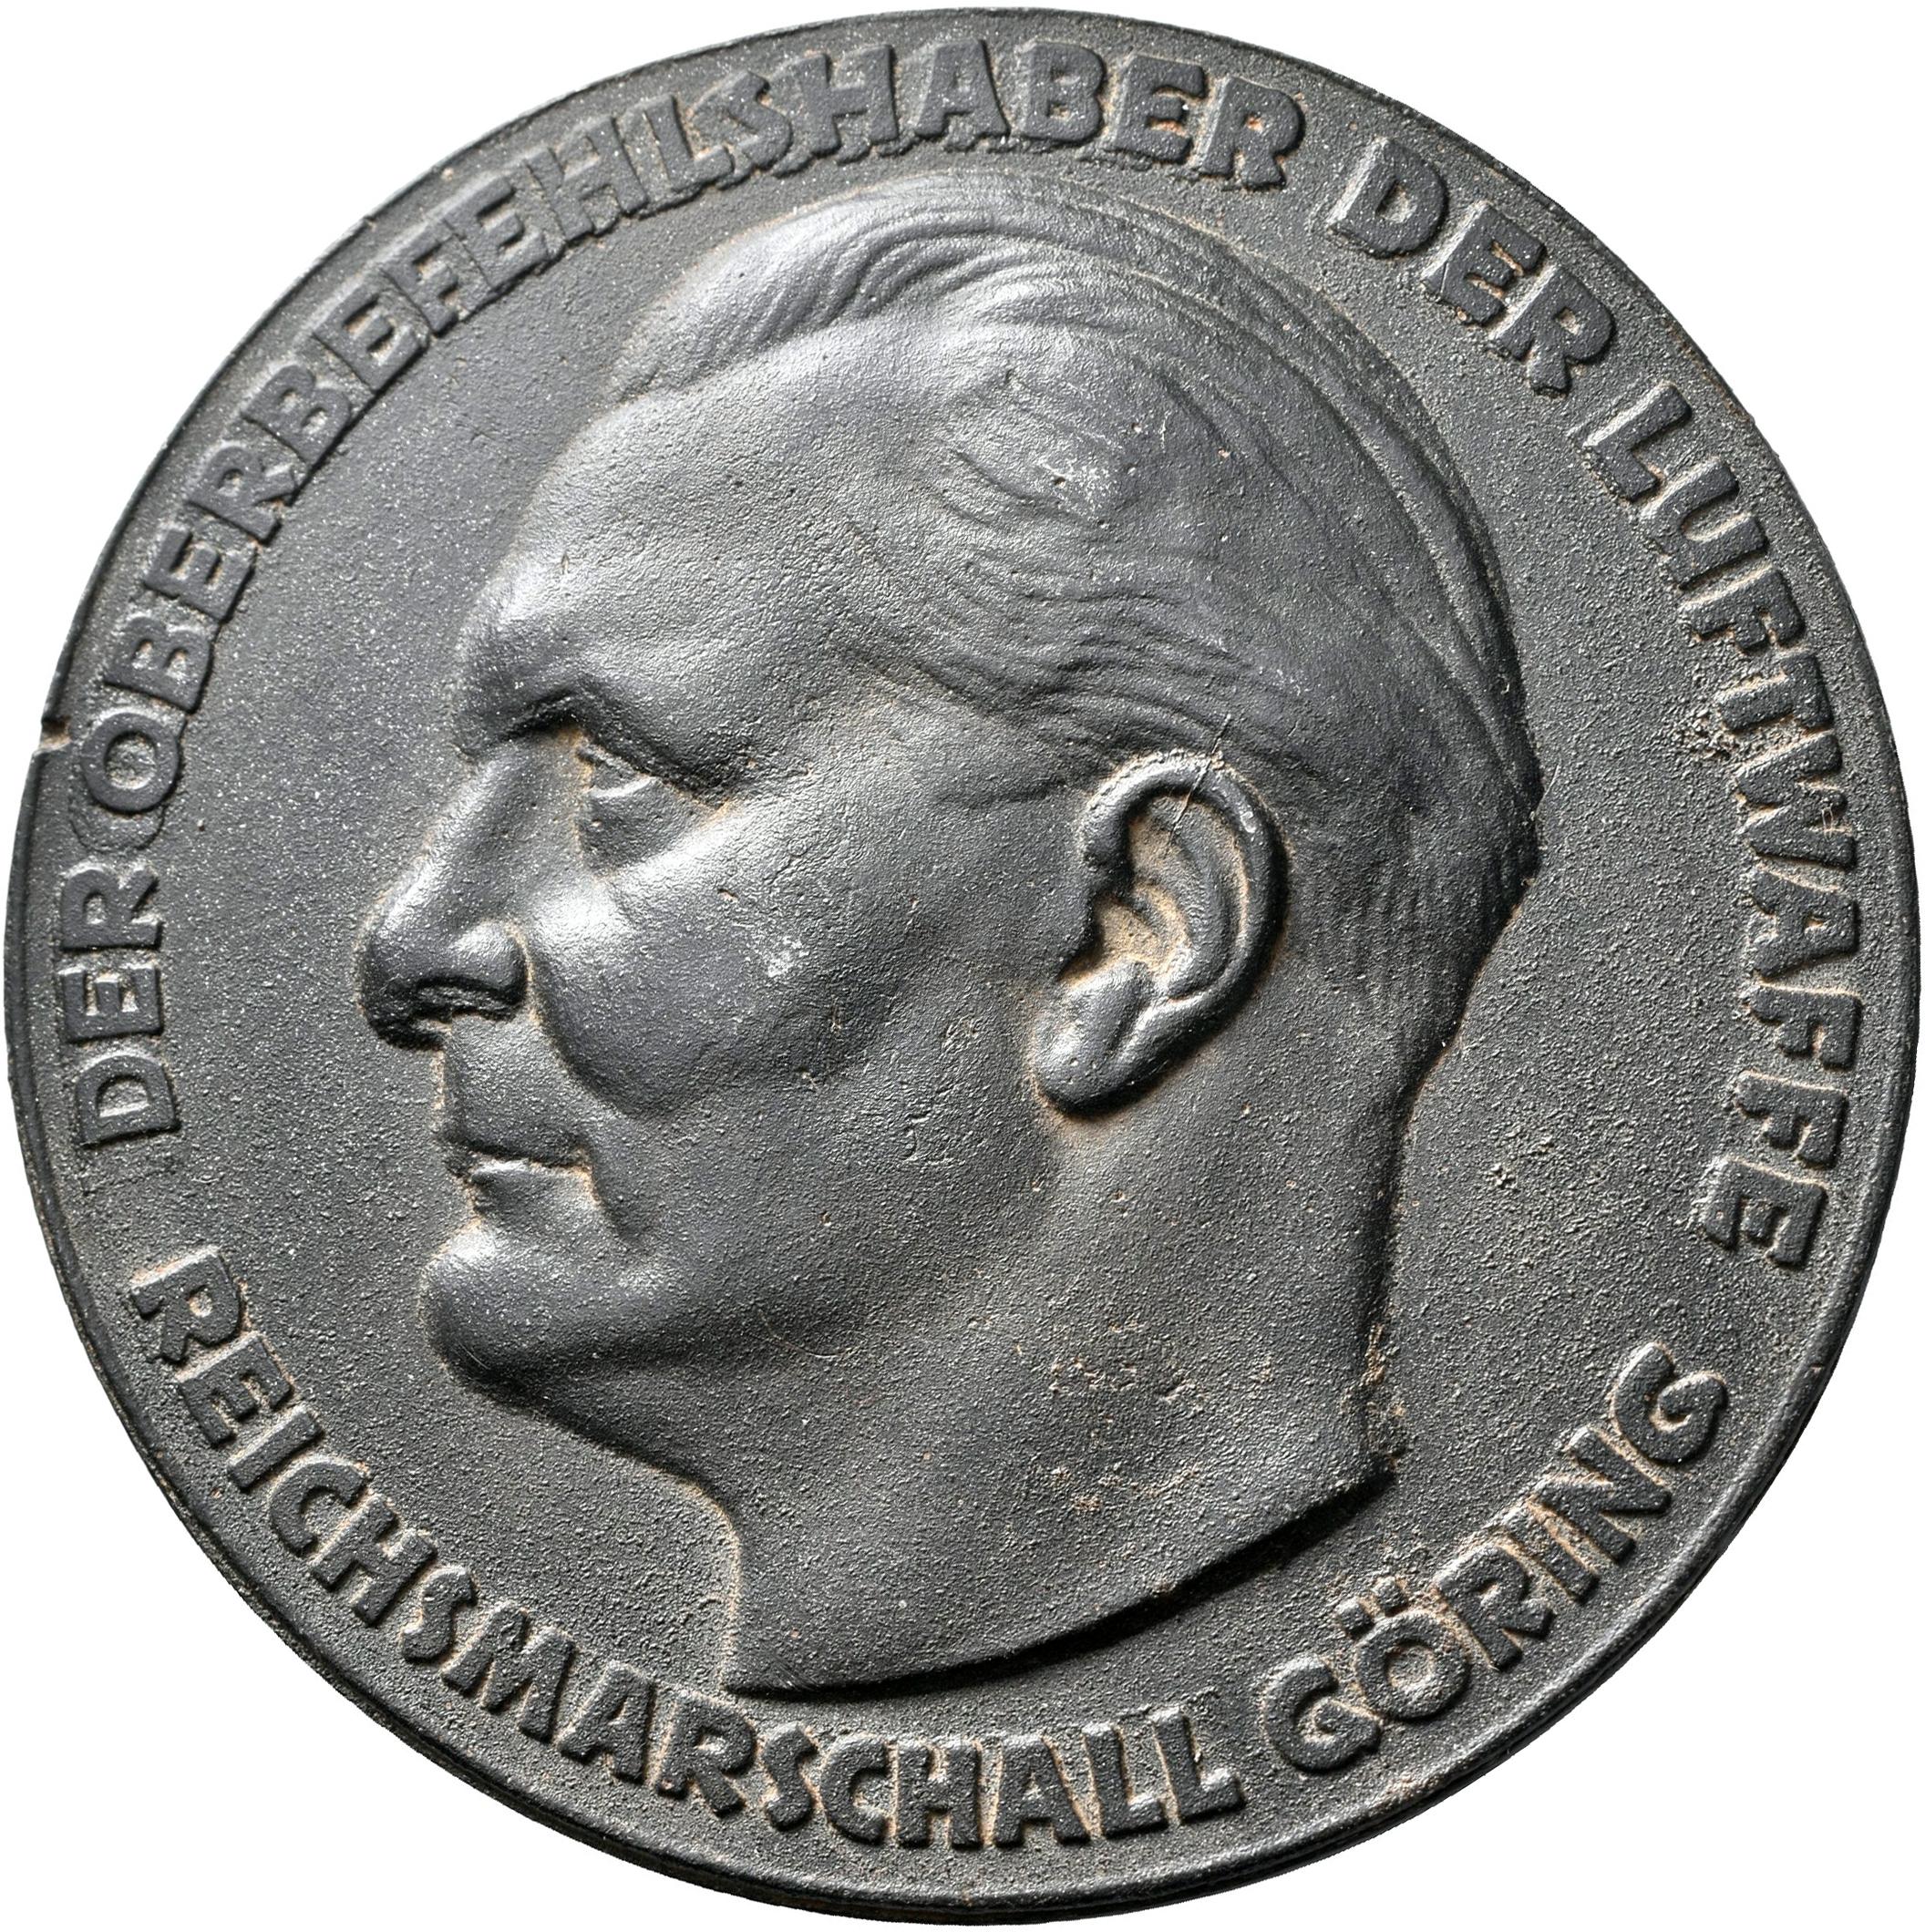 Lot 02383 - Medaillen Deutschland | Münzen  -  Auktionshaus Christoph Gärtner GmbH & Co. KG Sale #48 The Coins & The Picture Post Cards